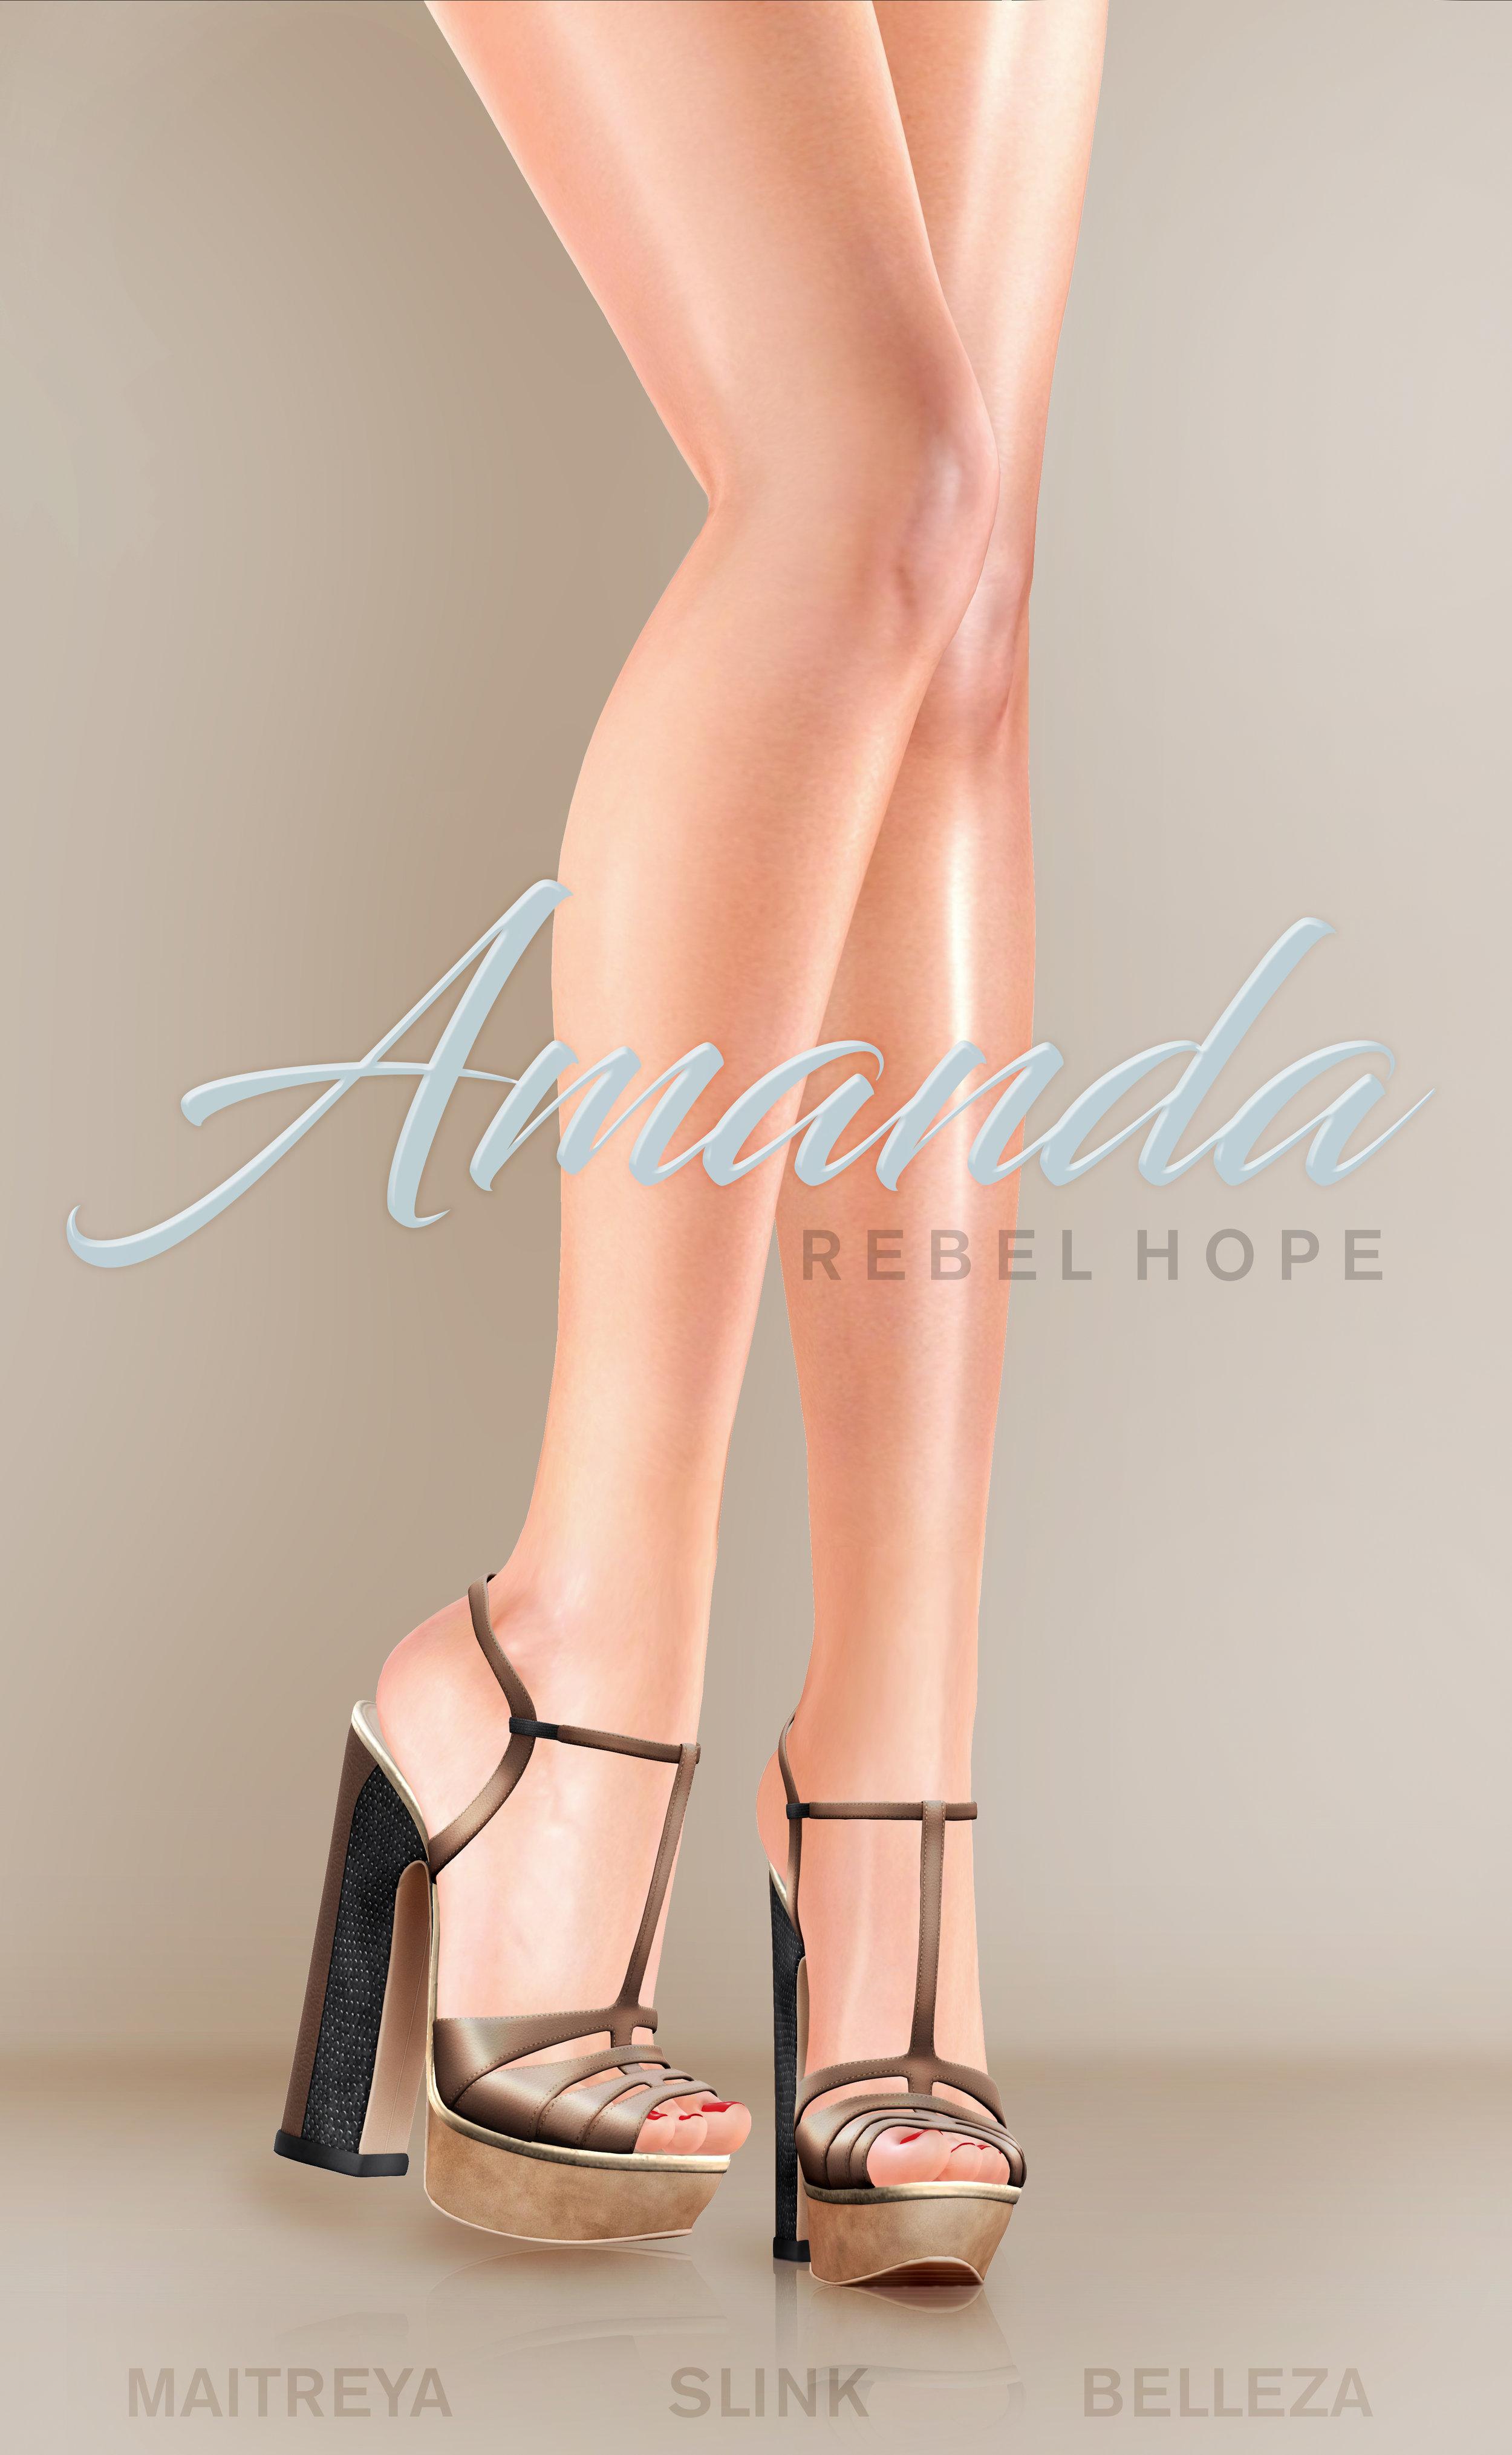 Amanda_Shoes_Shoetopia_ad.jpg